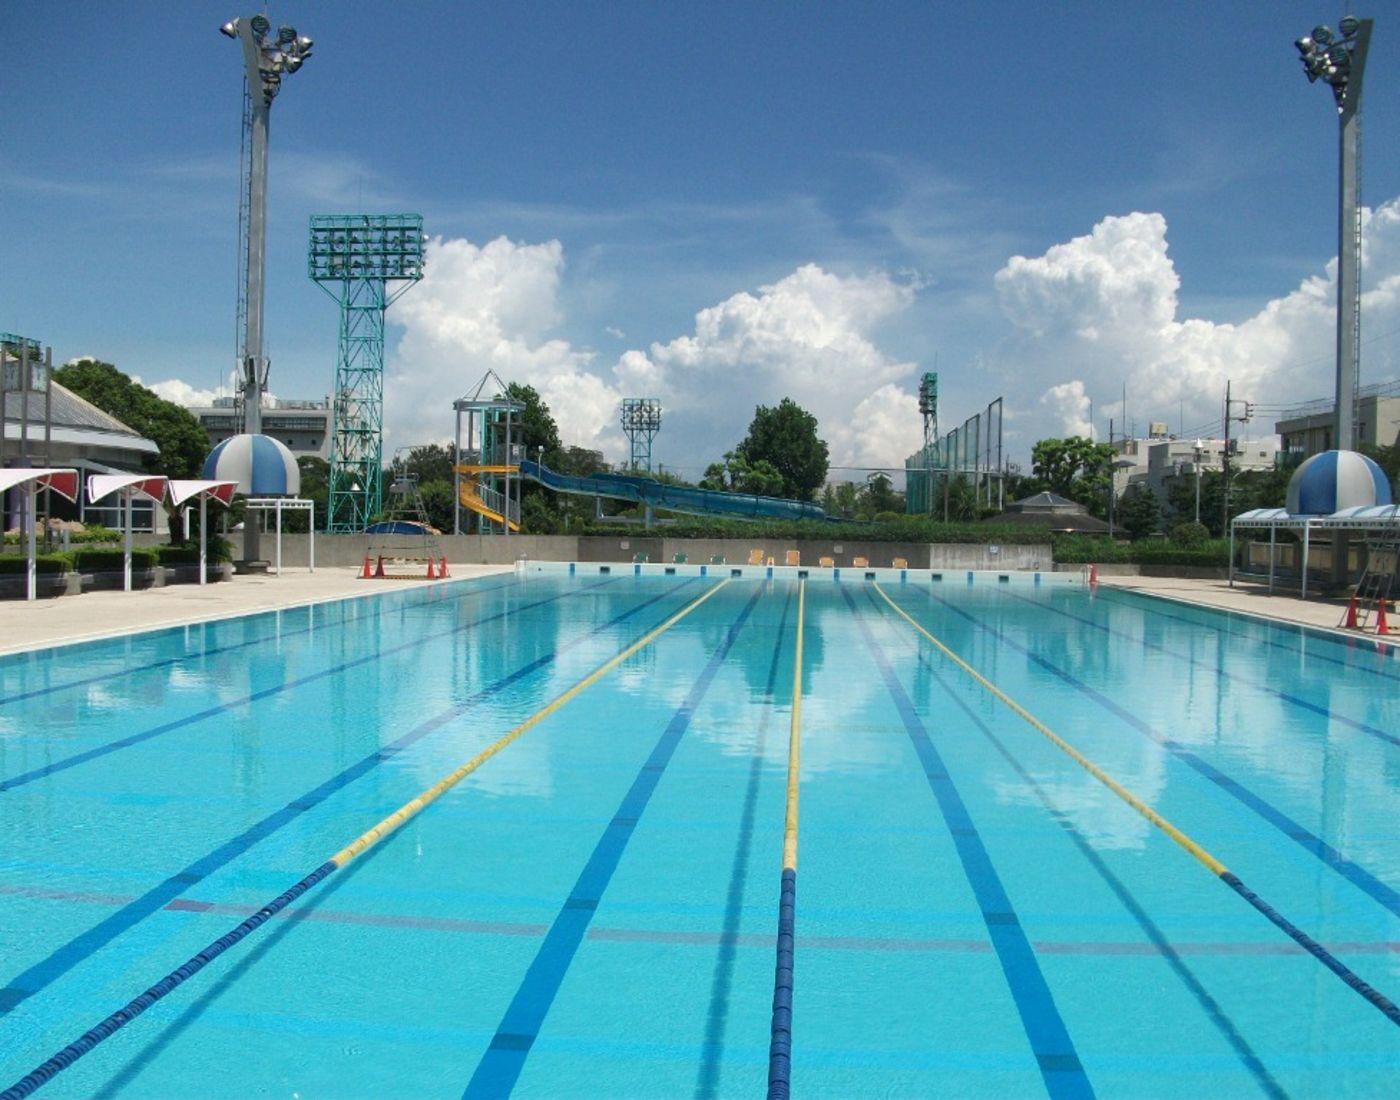 室内水上乐园_萩中公园游泳池_东京旅游官方网站GO TOKYO